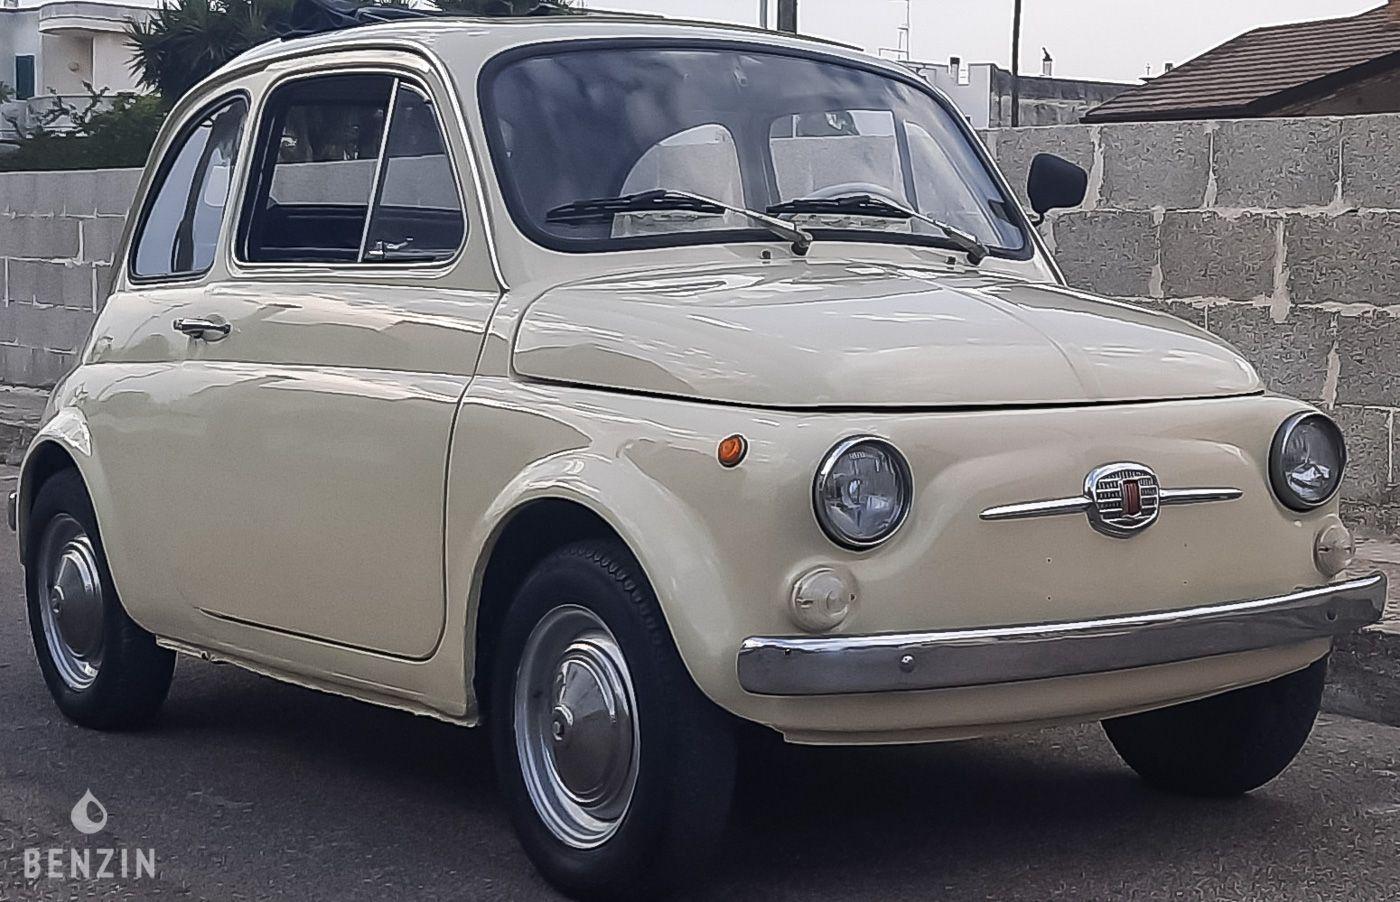 Fiat 500 F à vendre / Fiat 500 F to sell / Fiat 500 F verkaufen/ Fiat 500 F en venta